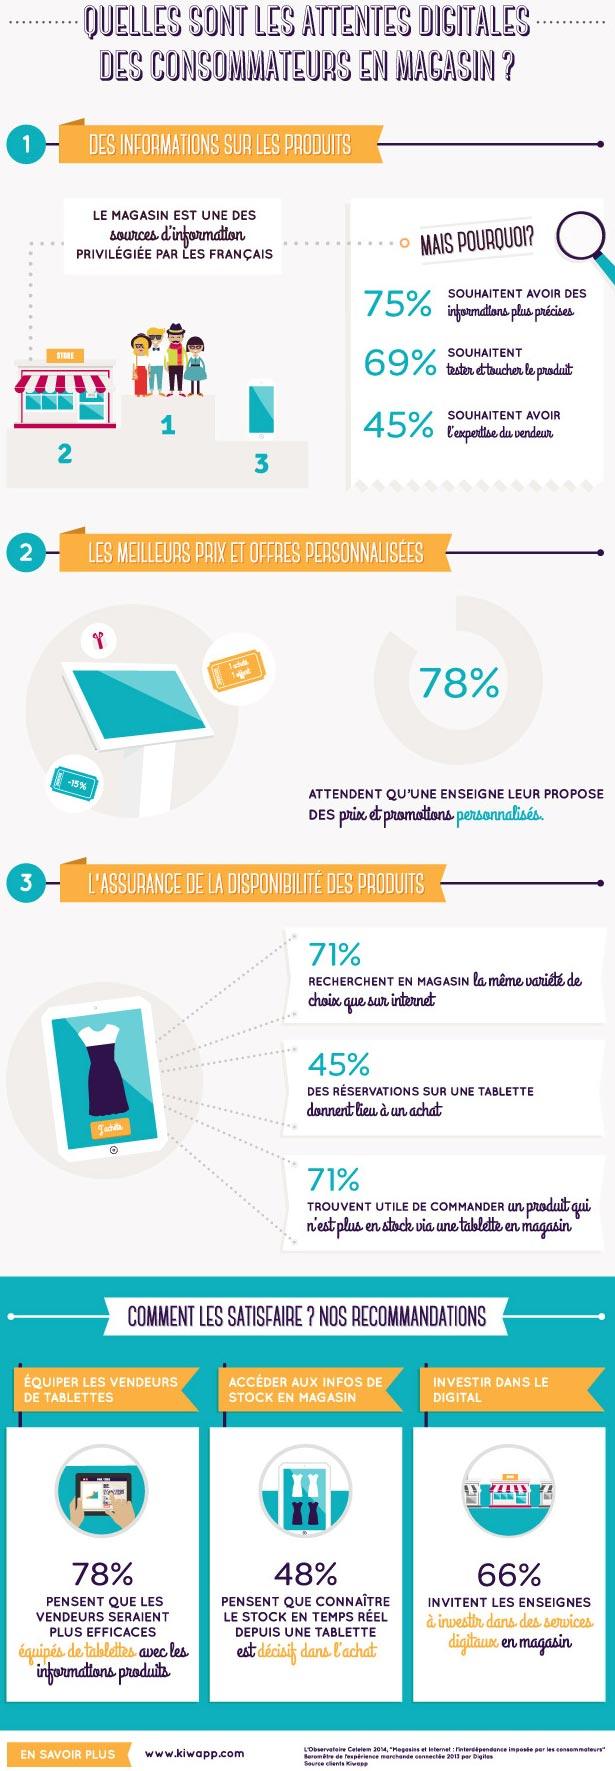 infographie-attentes-digitales-en-point-de-vente